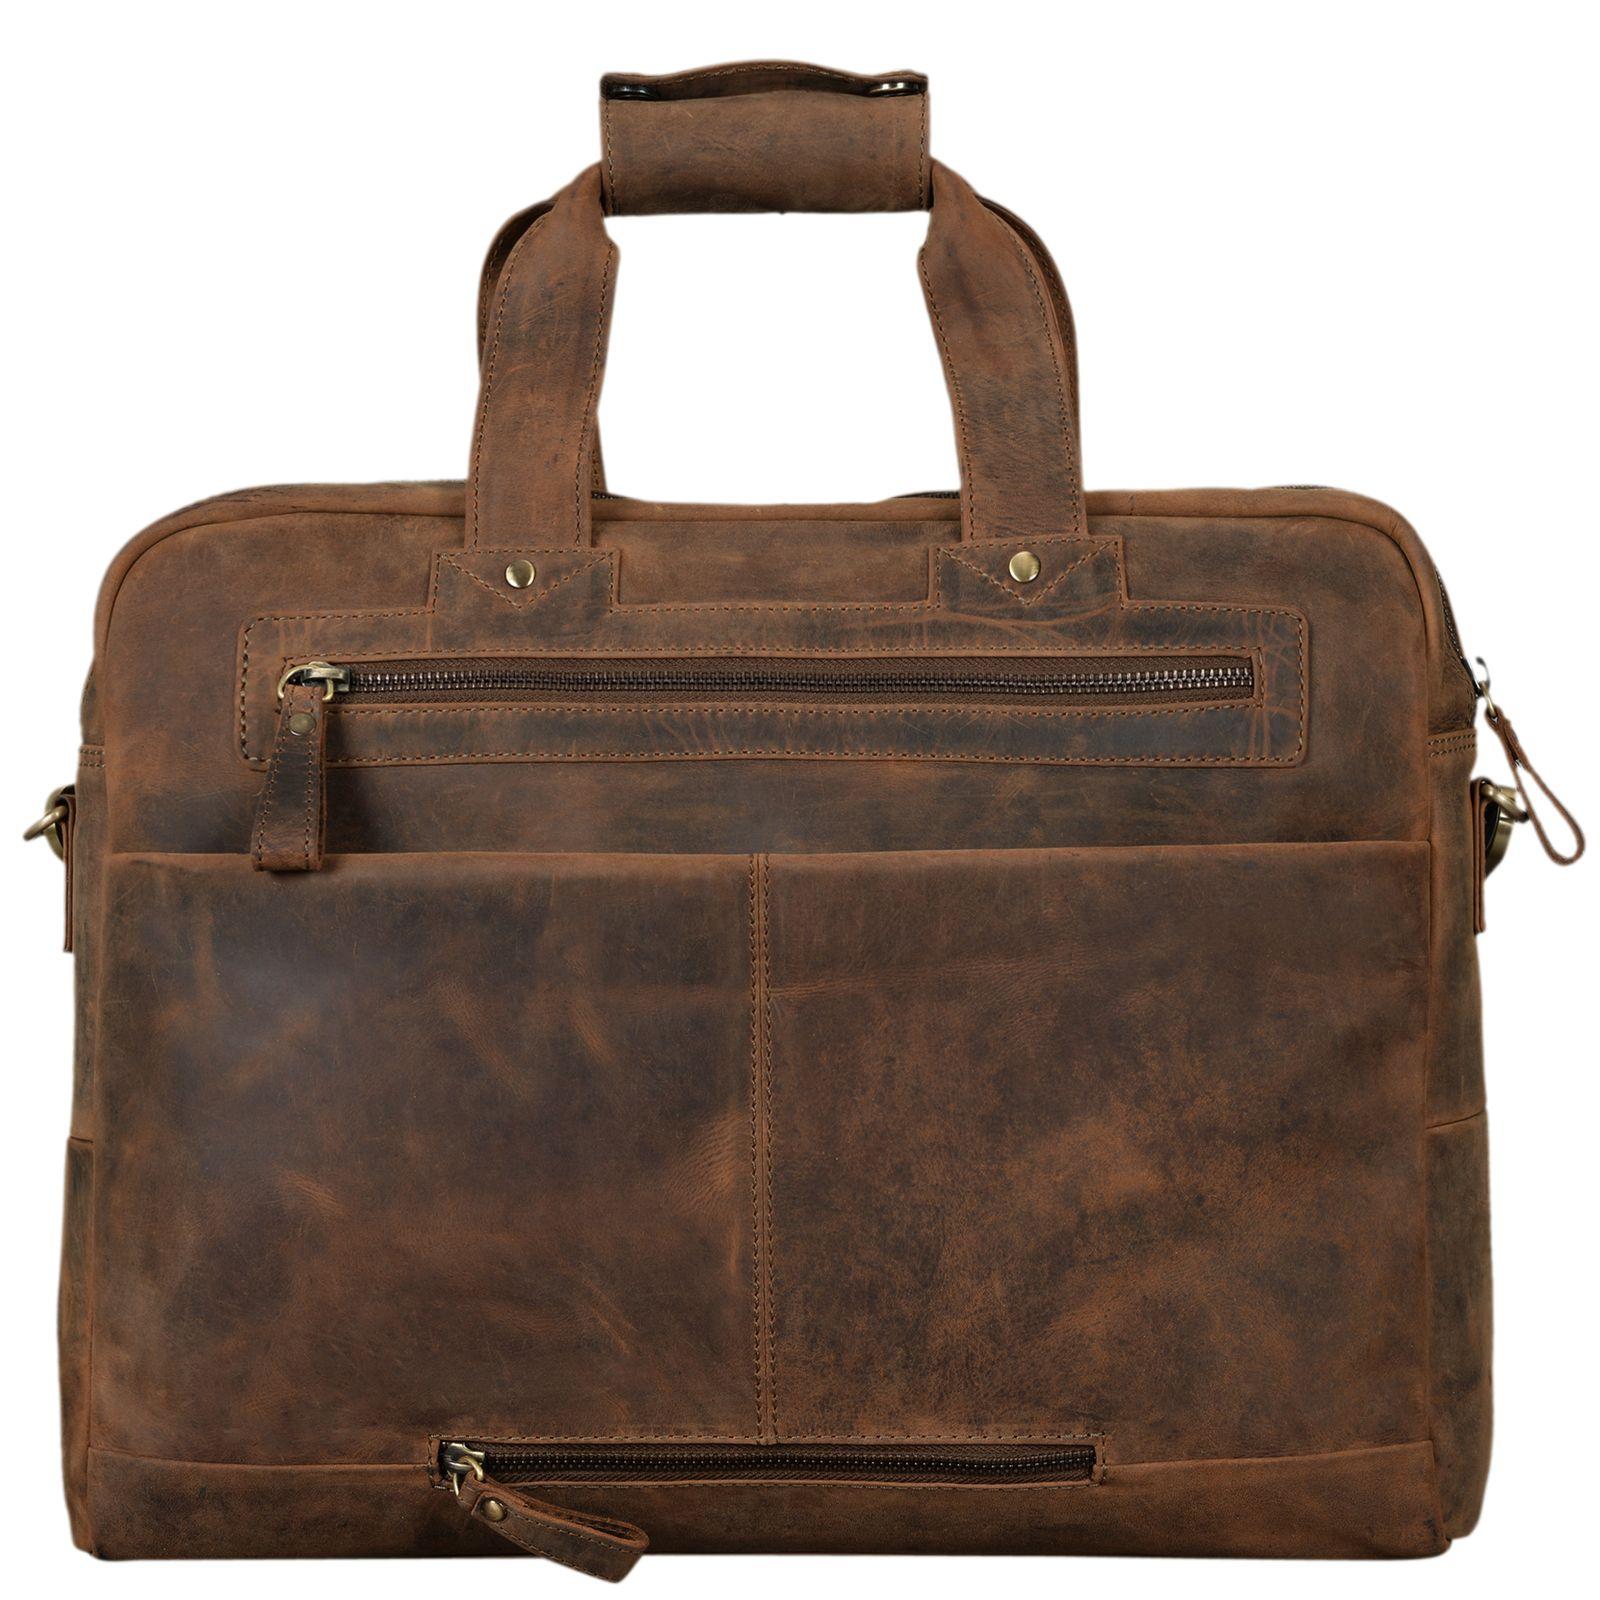 """STILORD """"Patrice"""" Große Leder Umhängetasche Herren Vintage Schultertasche für DIN A4 Ordner Businesstasche mit 15.6 Zoll Laptopfach Trolley aufsteckbar - Bild 13"""